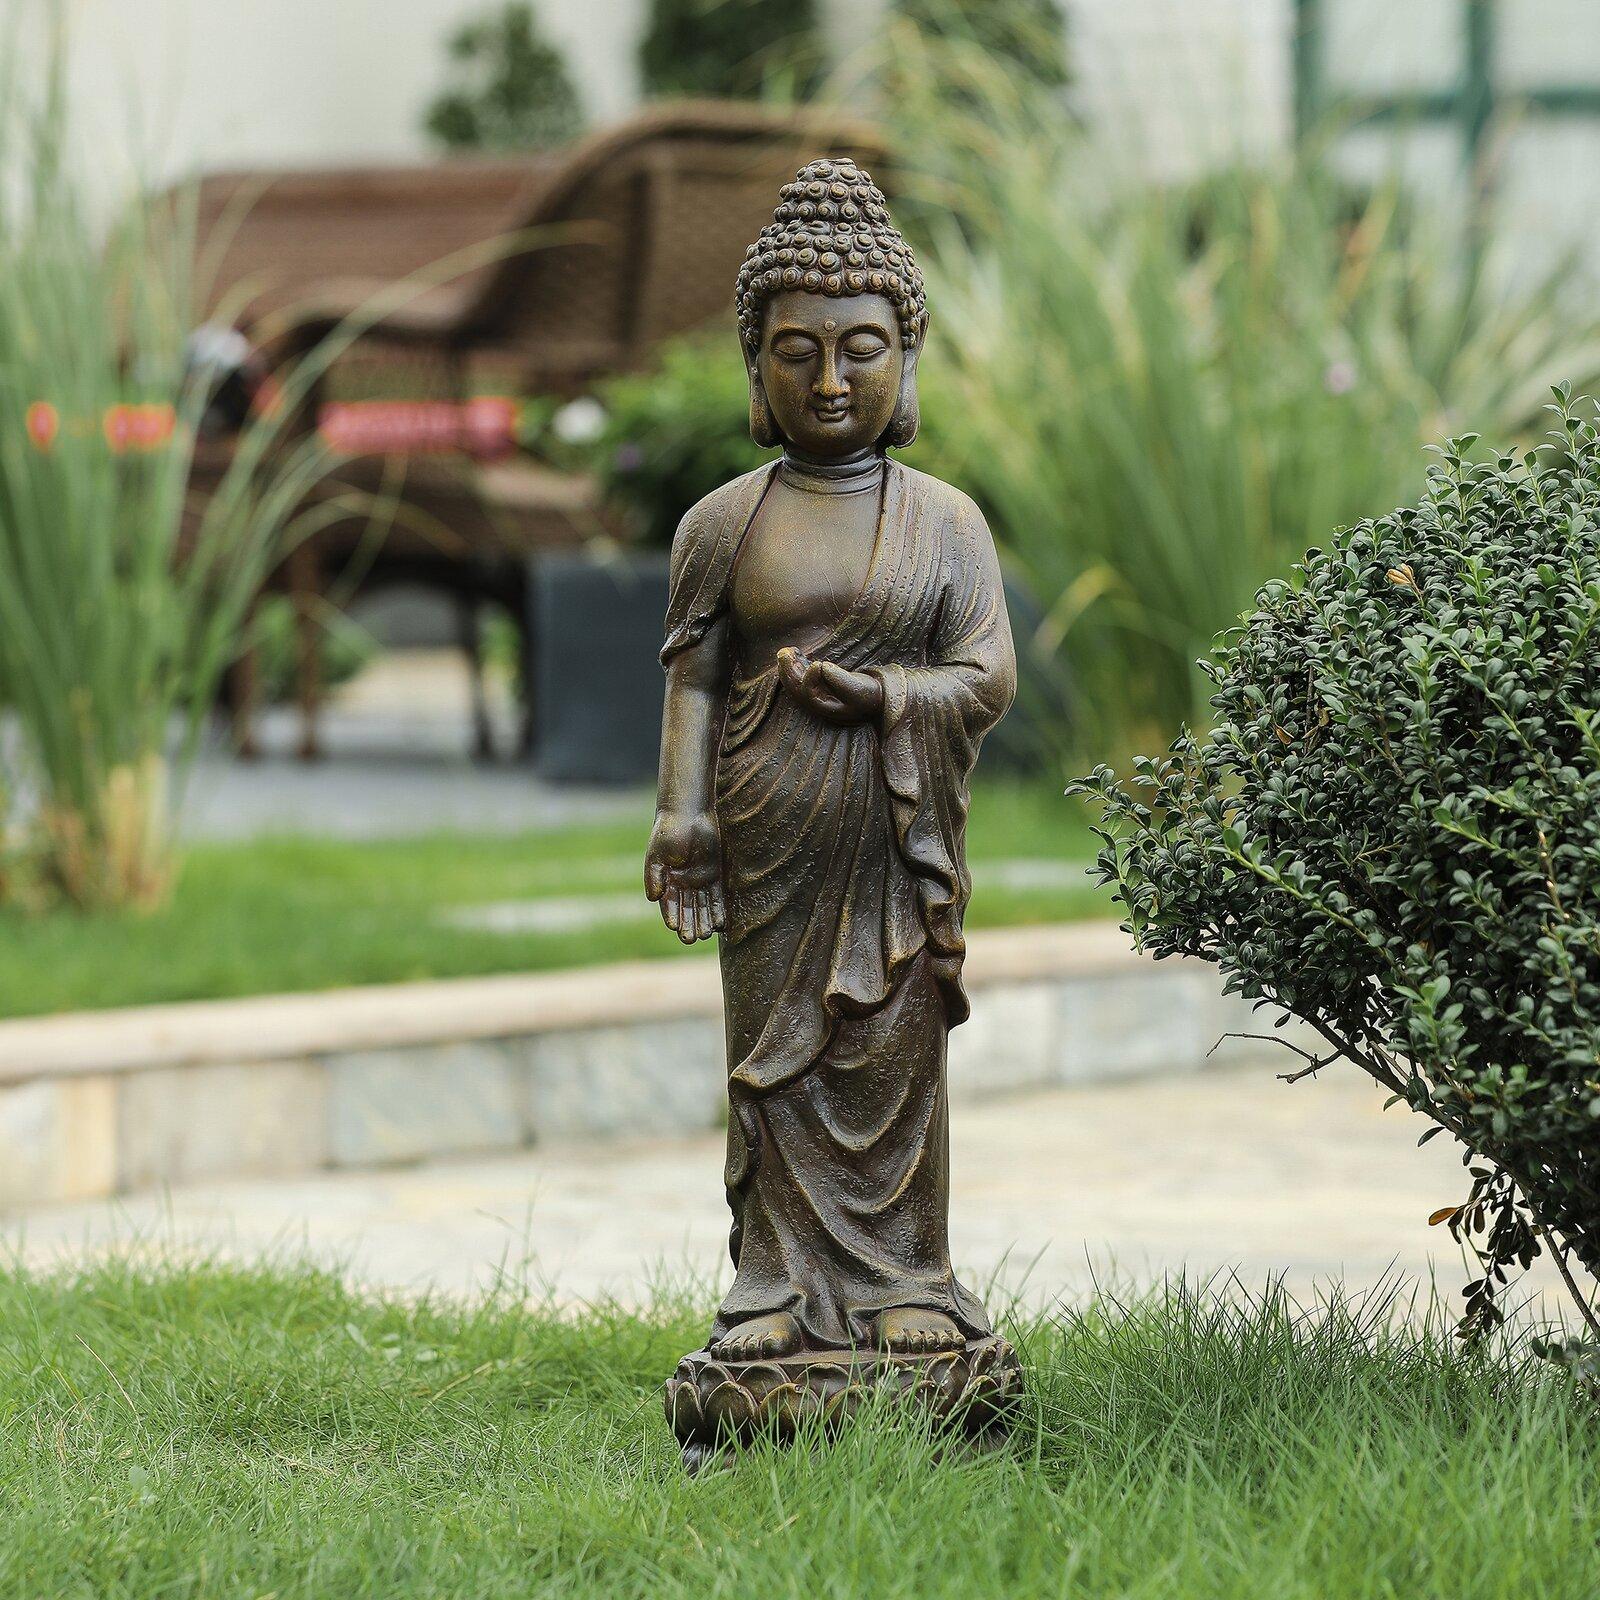 standing-buddha-statue-lightweight-small-garden-decoration-ideas-for-spiritual-decor